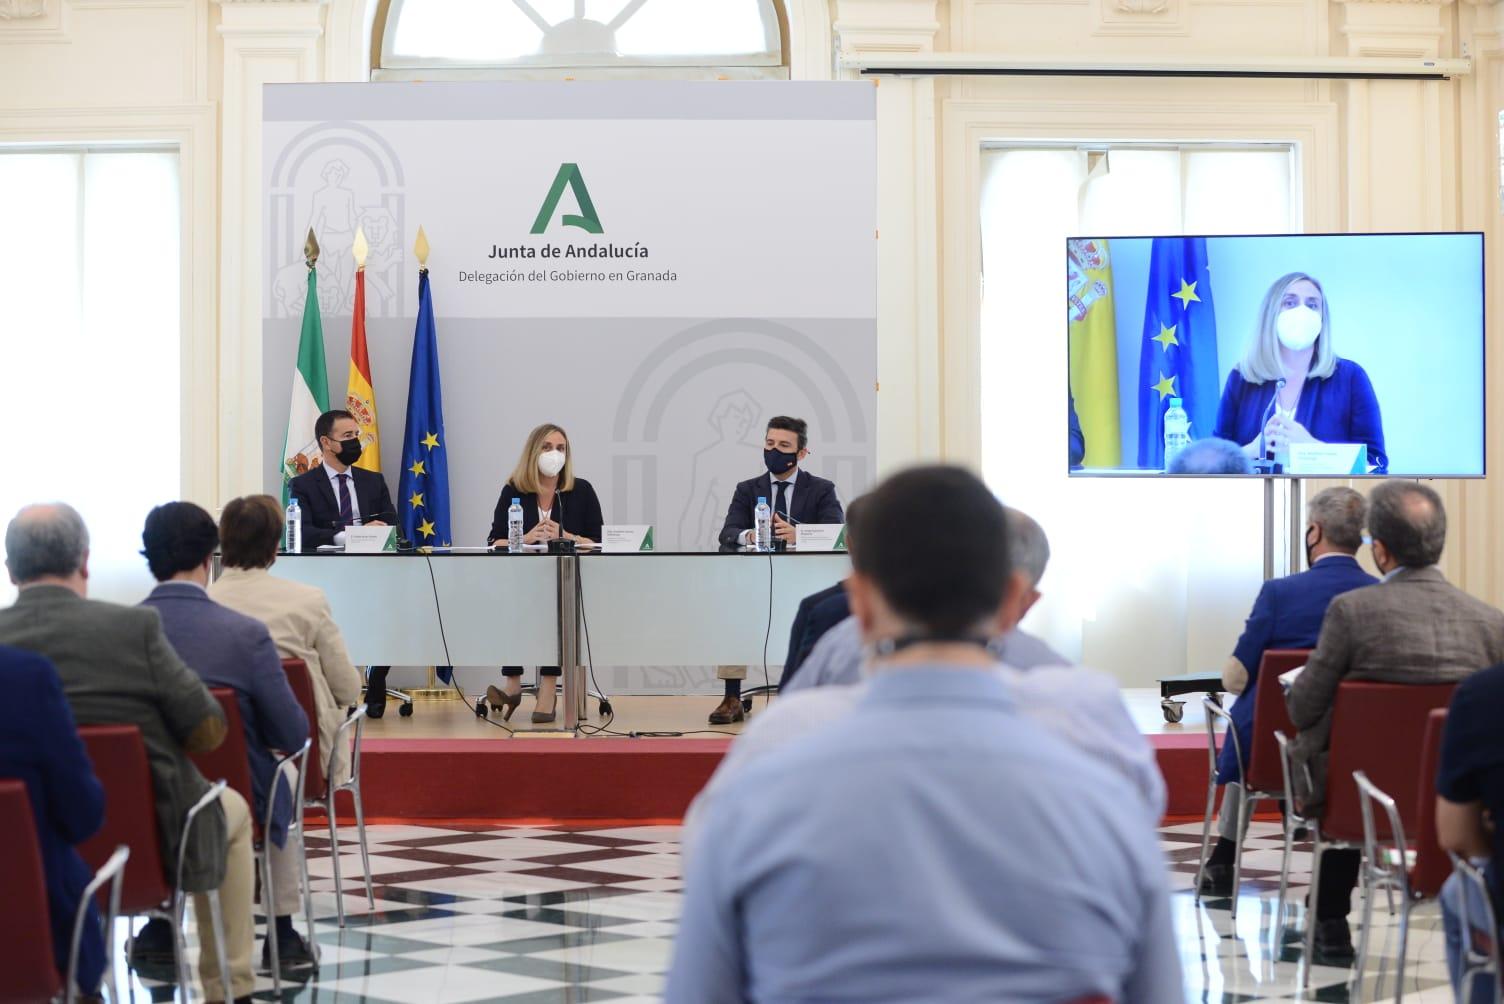 La Junta avanza en el desarrollo del Plan de Transporte Metropolitano del Área de Granada